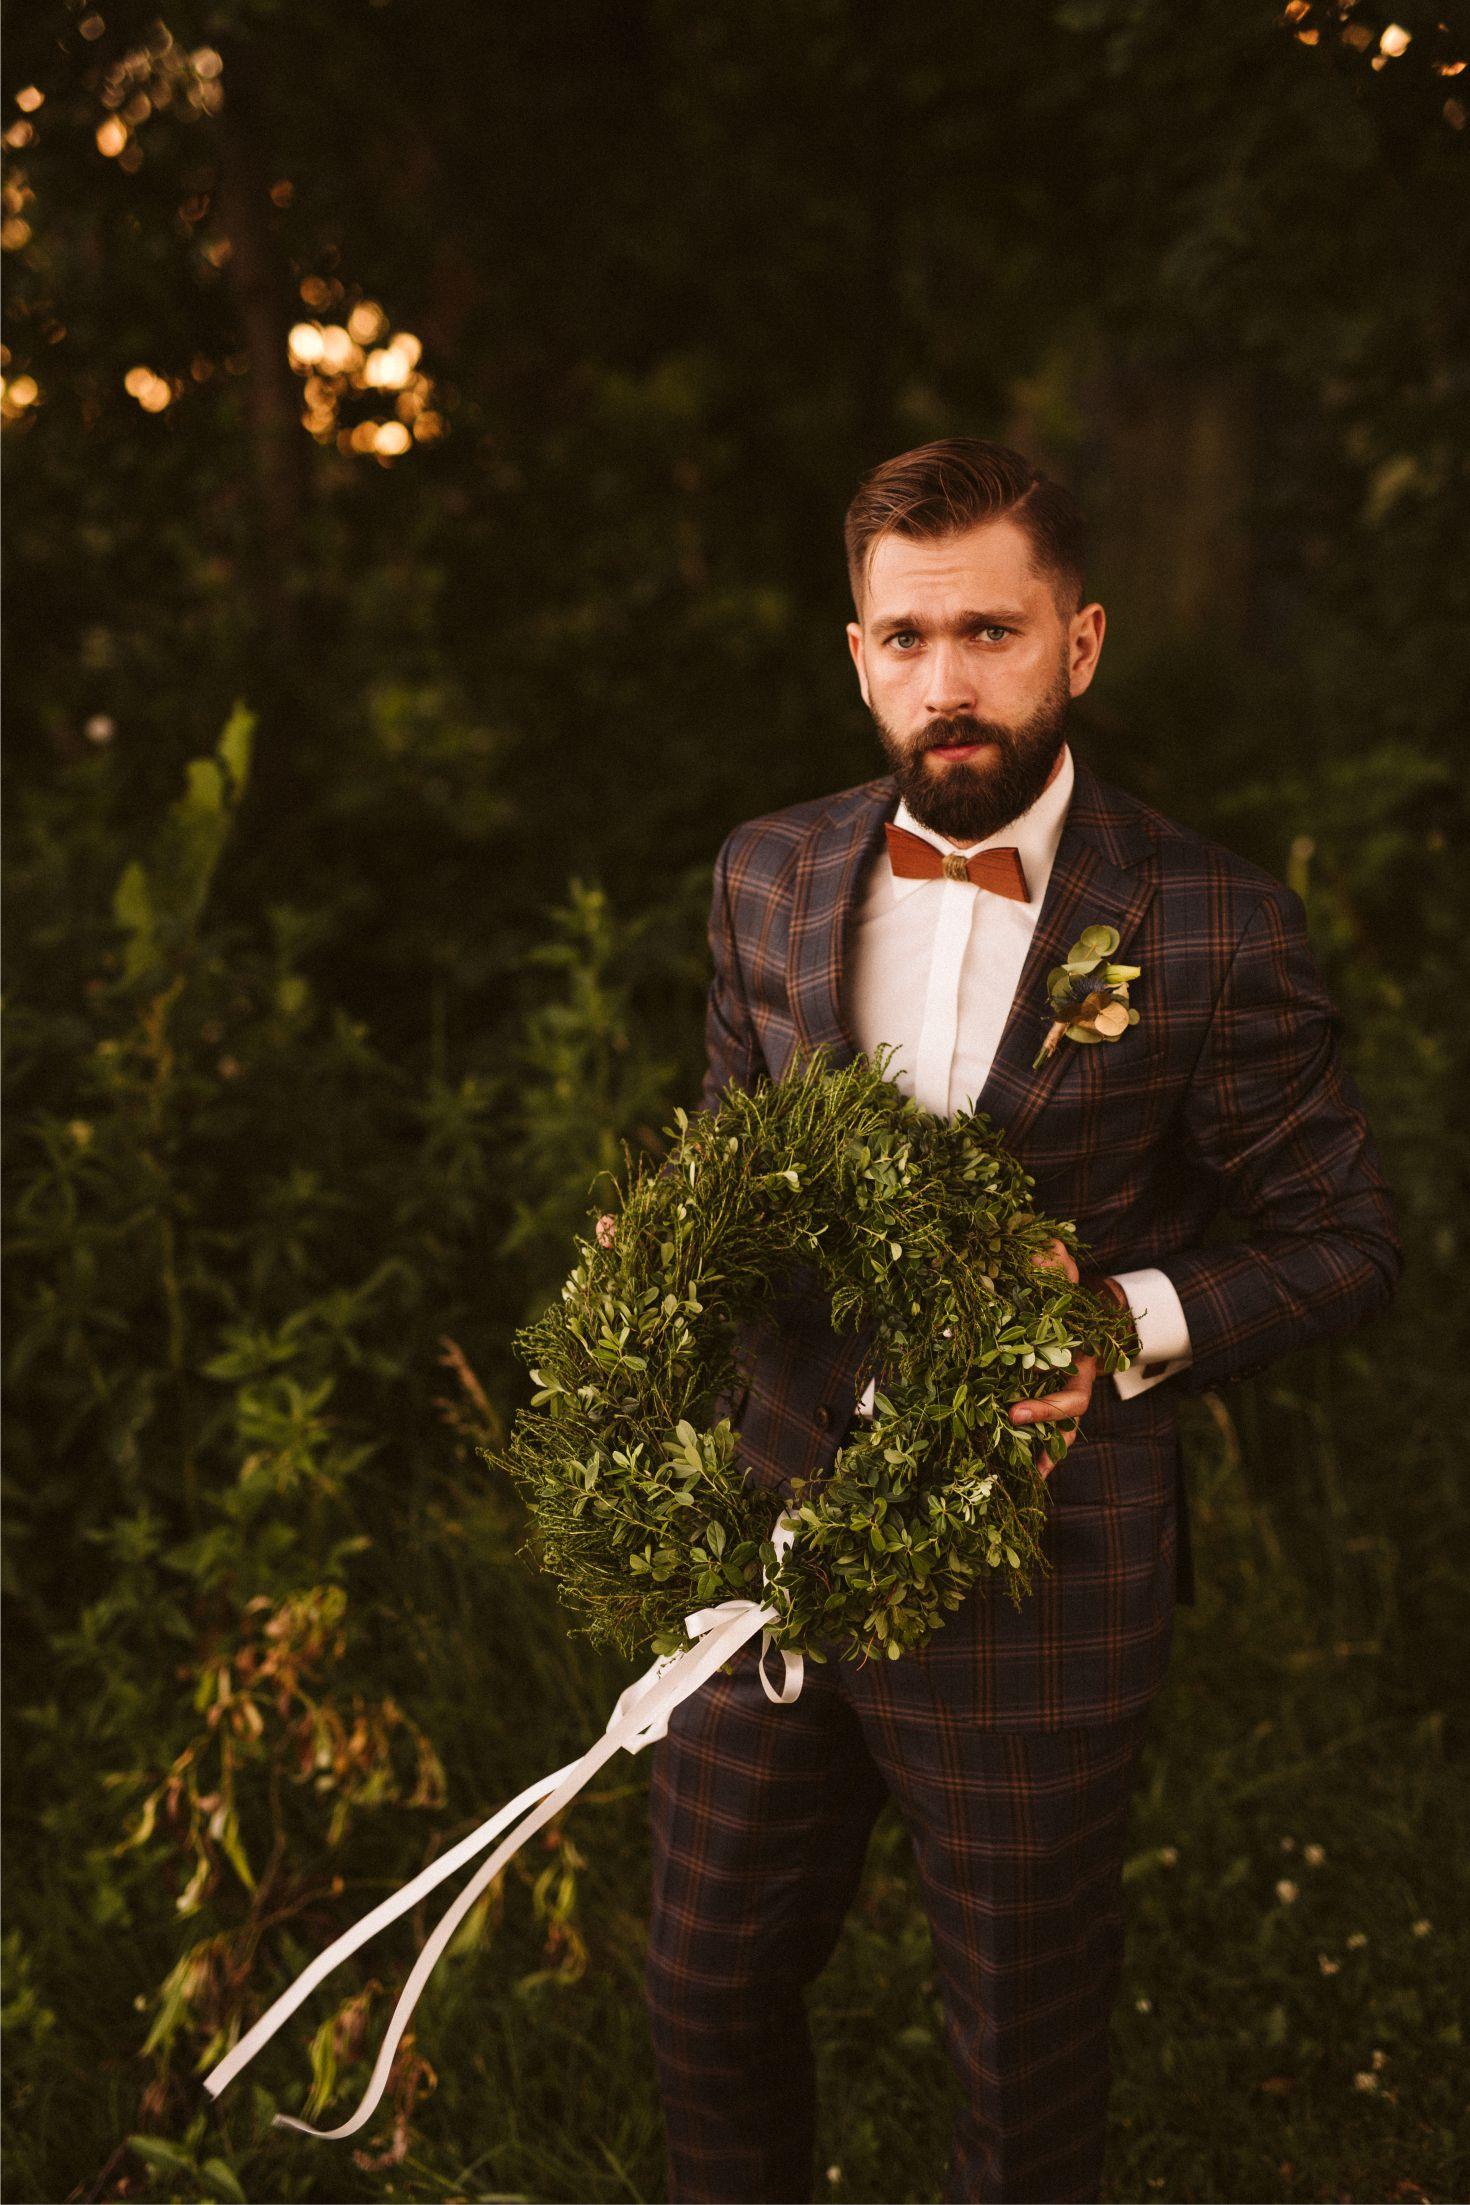 Pan Młody garnitur w kratę, ślubne inspiracje, drewniane muszki